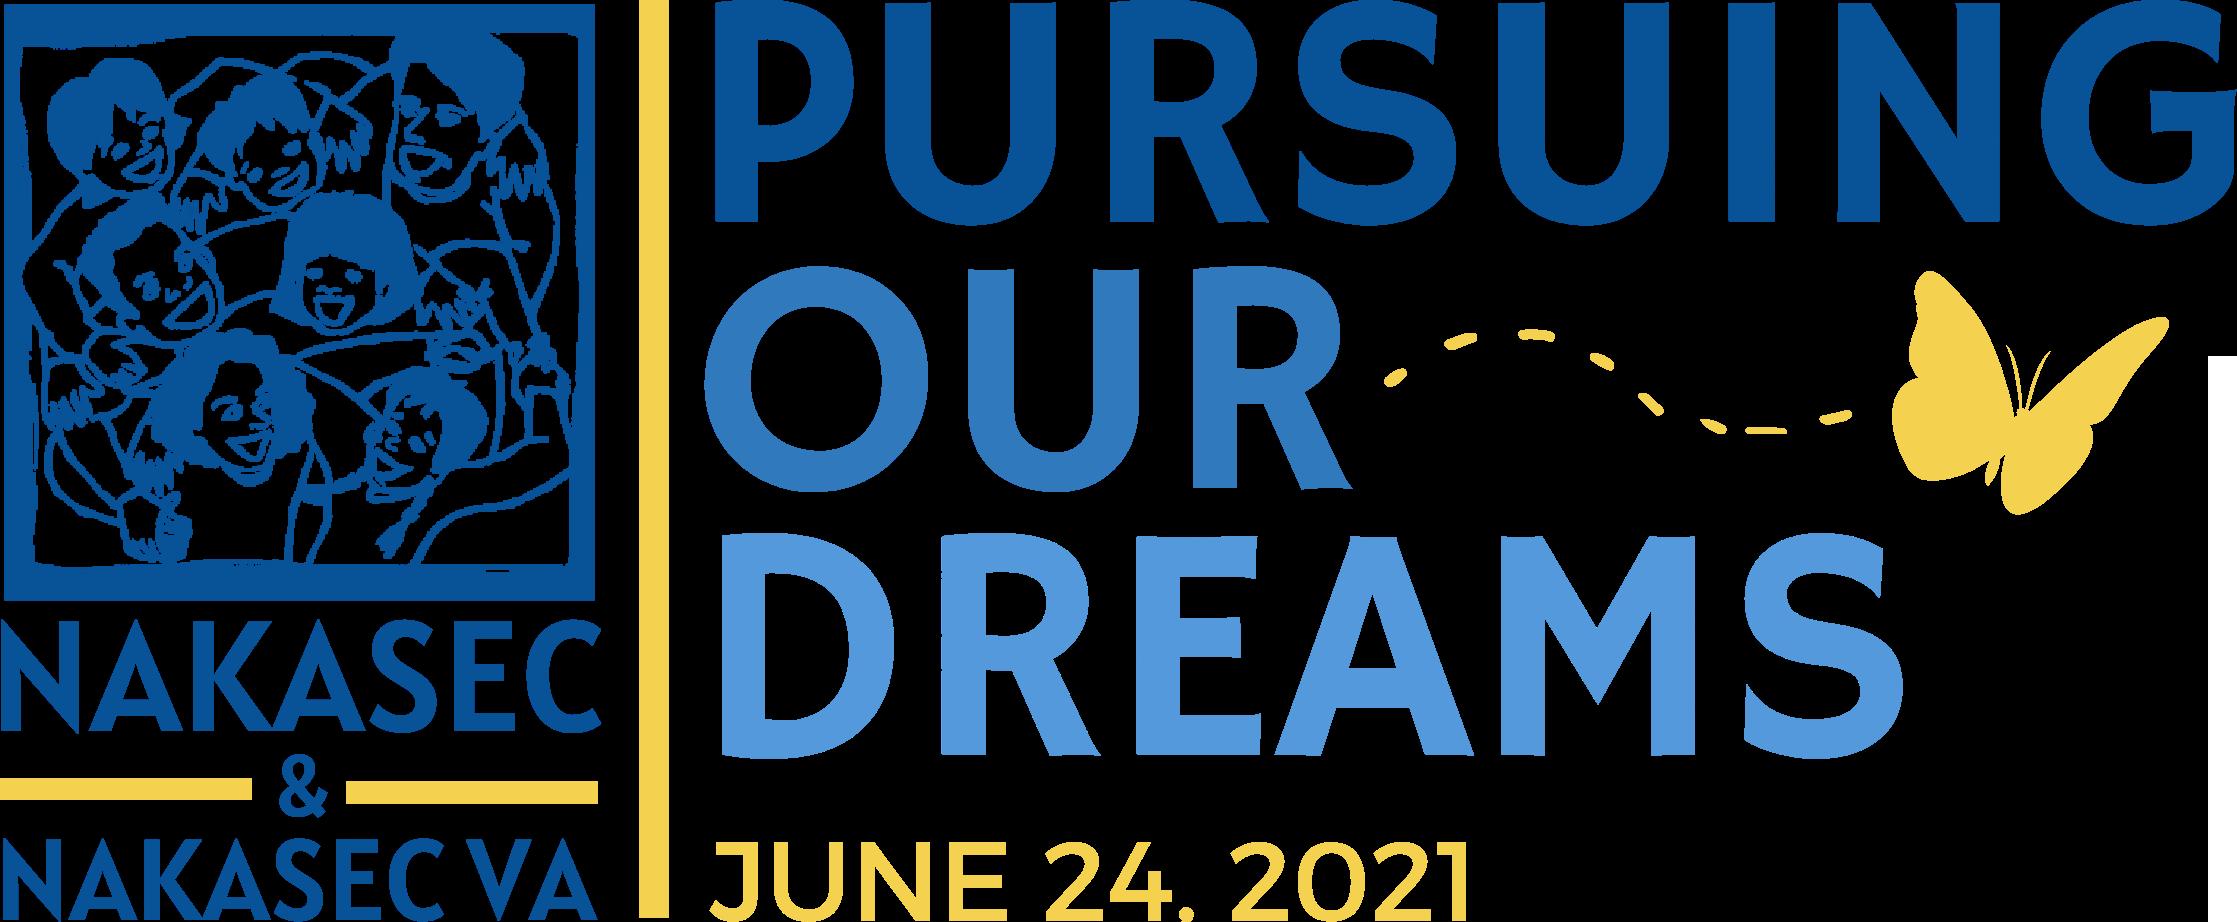 NAKASEC & NAKASEC VA - Pursuing Our Dreams Fundraiser (June 24, 2021)